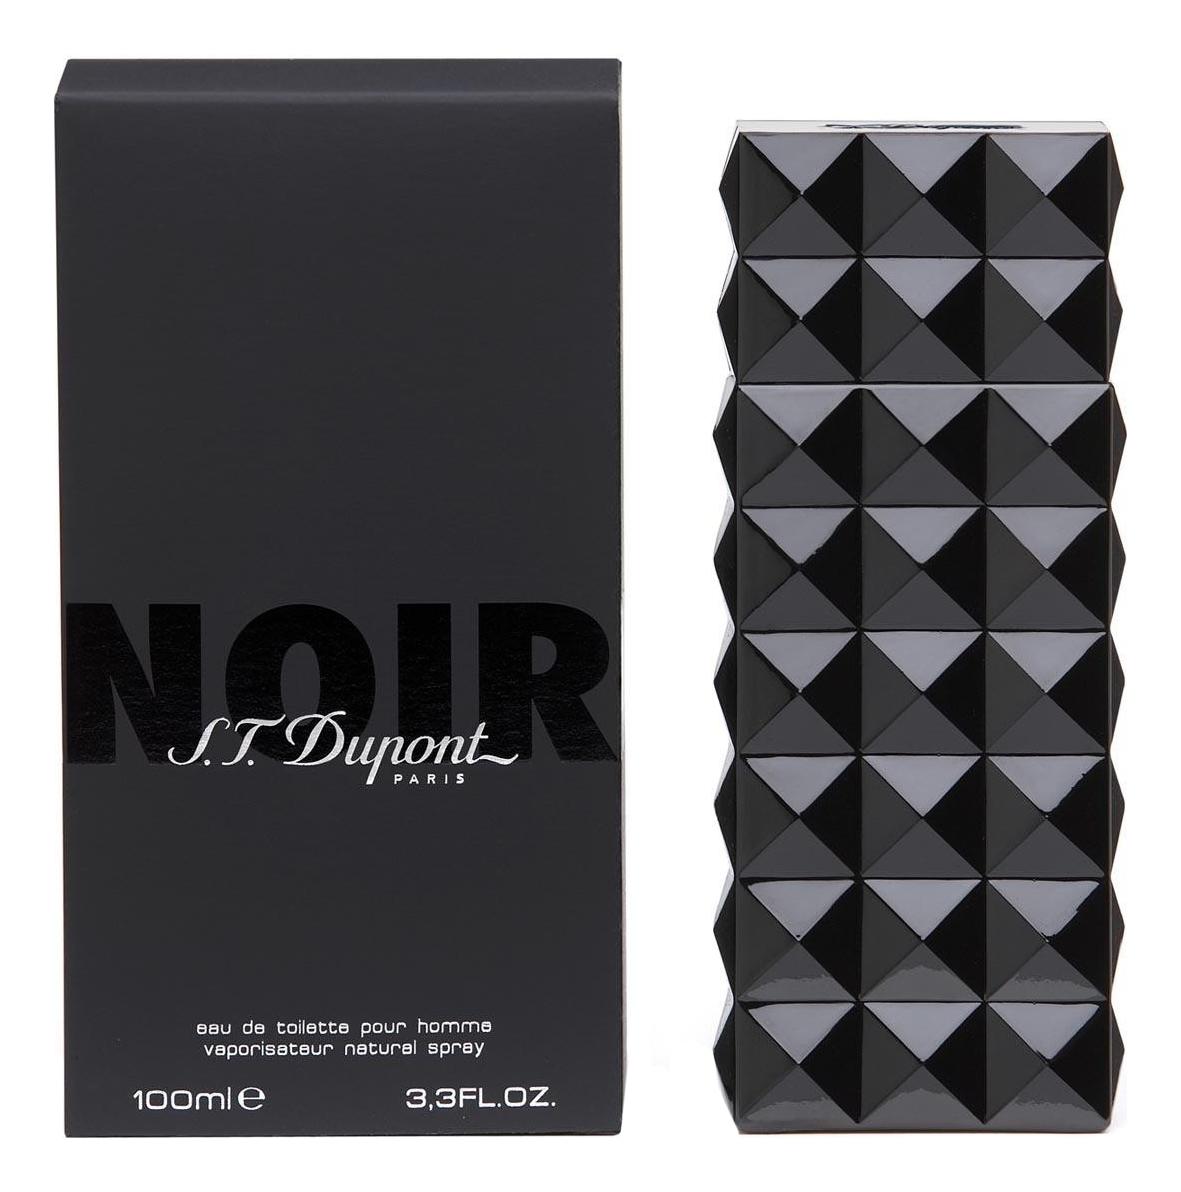 Noir Pour Homme: туалетная вода 100мл недорого